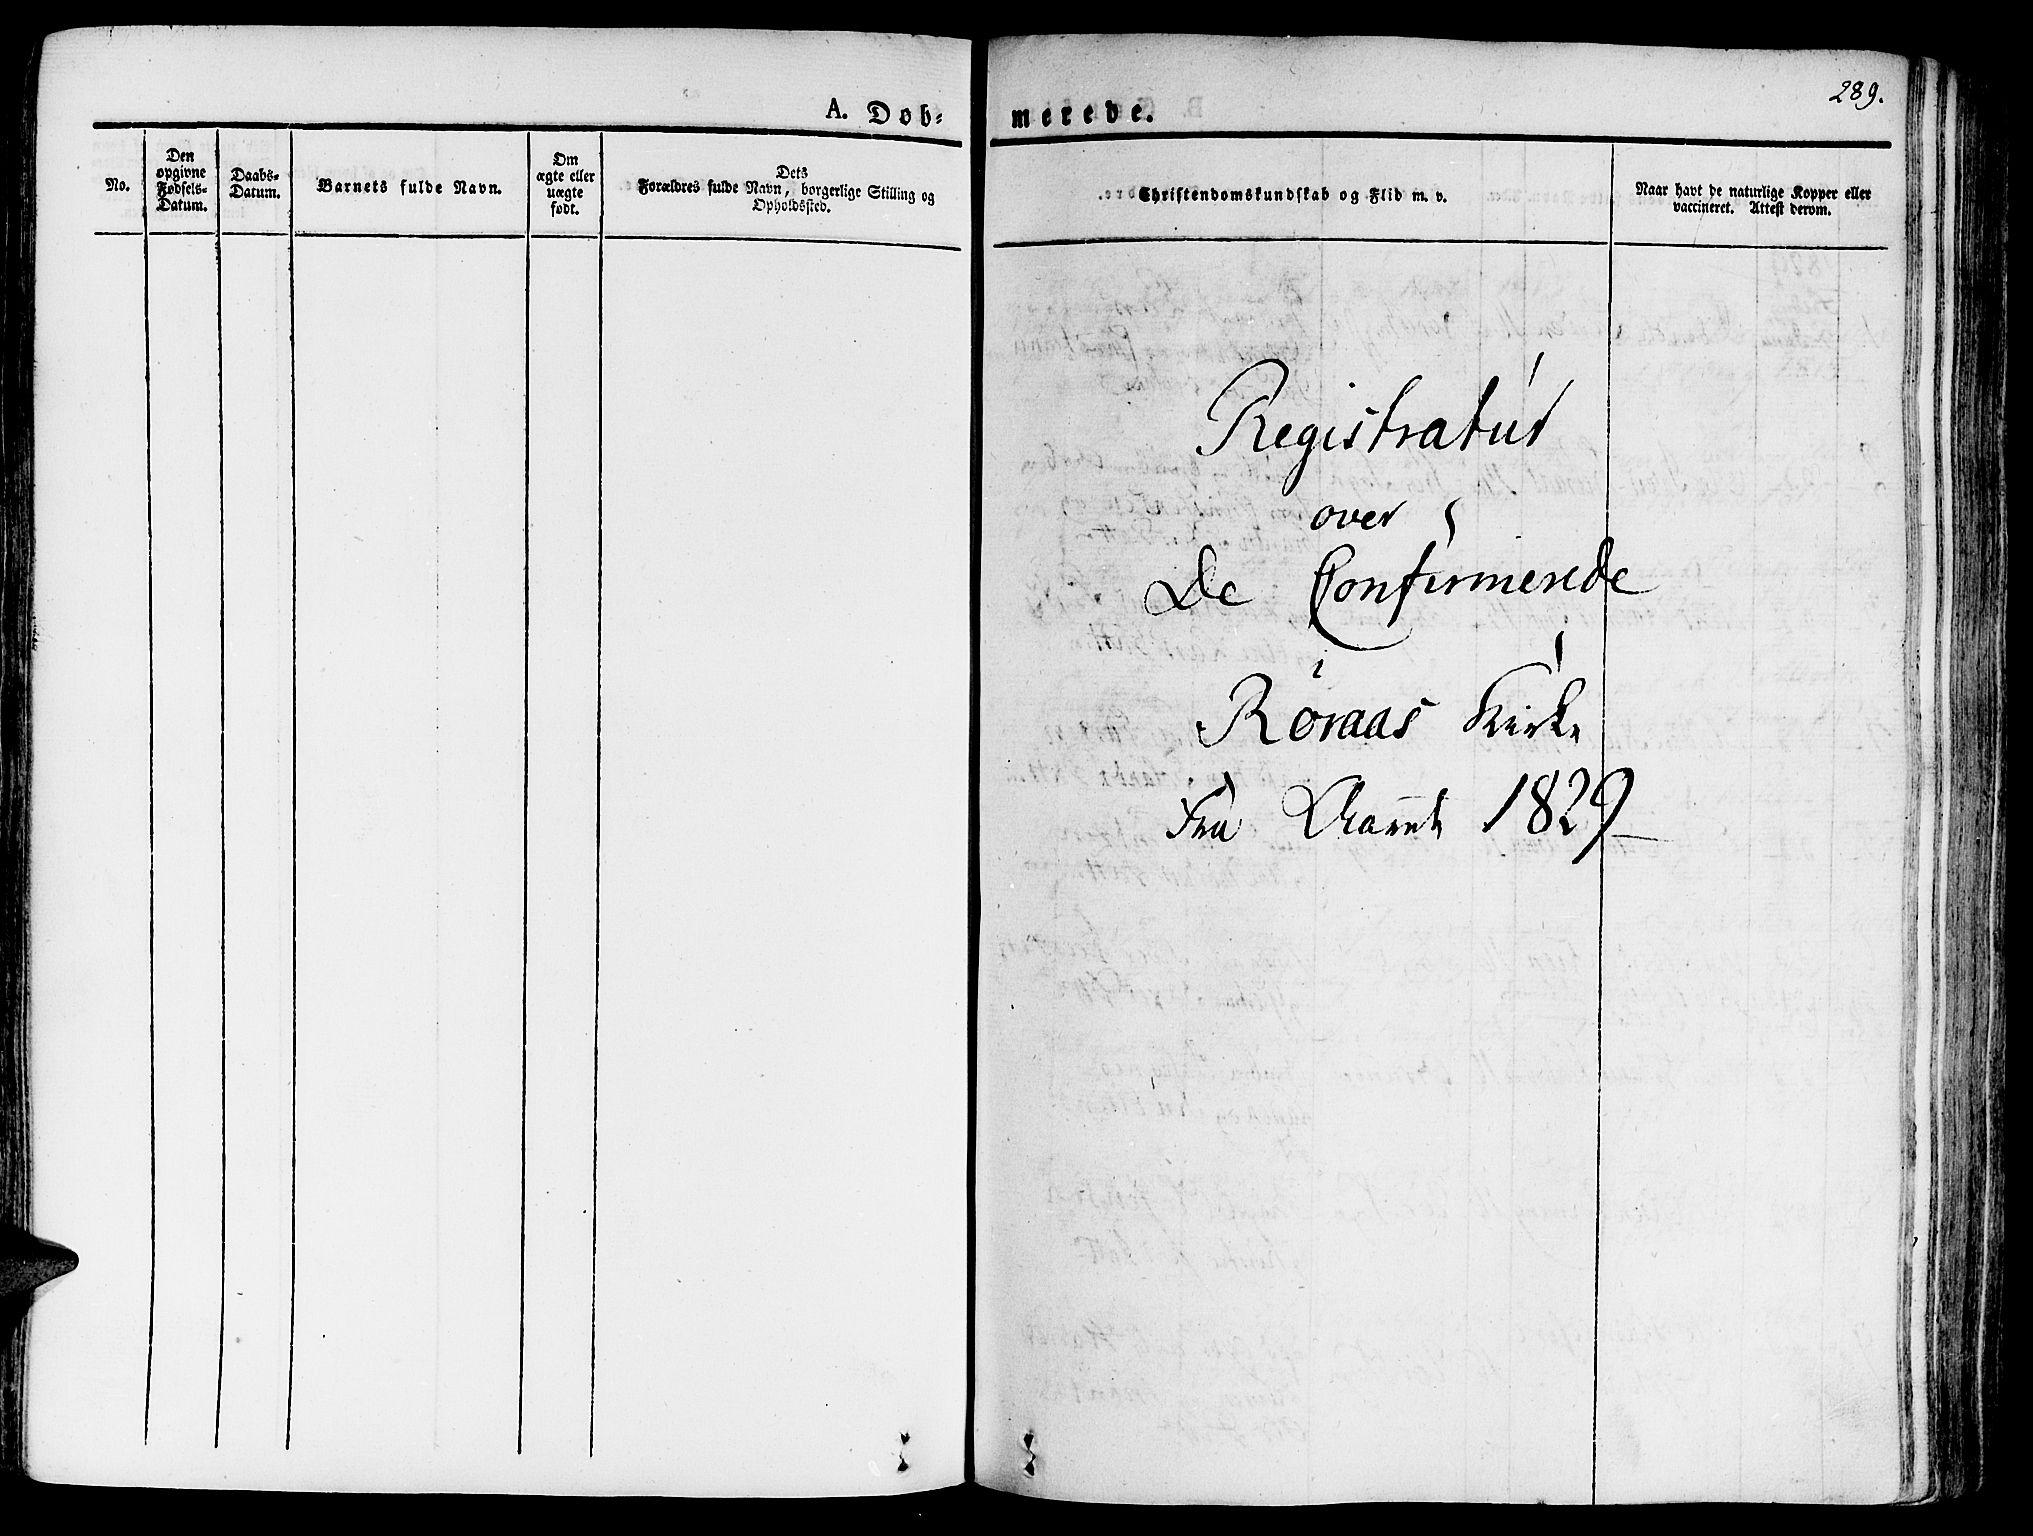 SAT, Ministerialprotokoller, klokkerbøker og fødselsregistre - Sør-Trøndelag, 681/L0930: Ministerialbok nr. 681A08, 1829-1844, s. 289